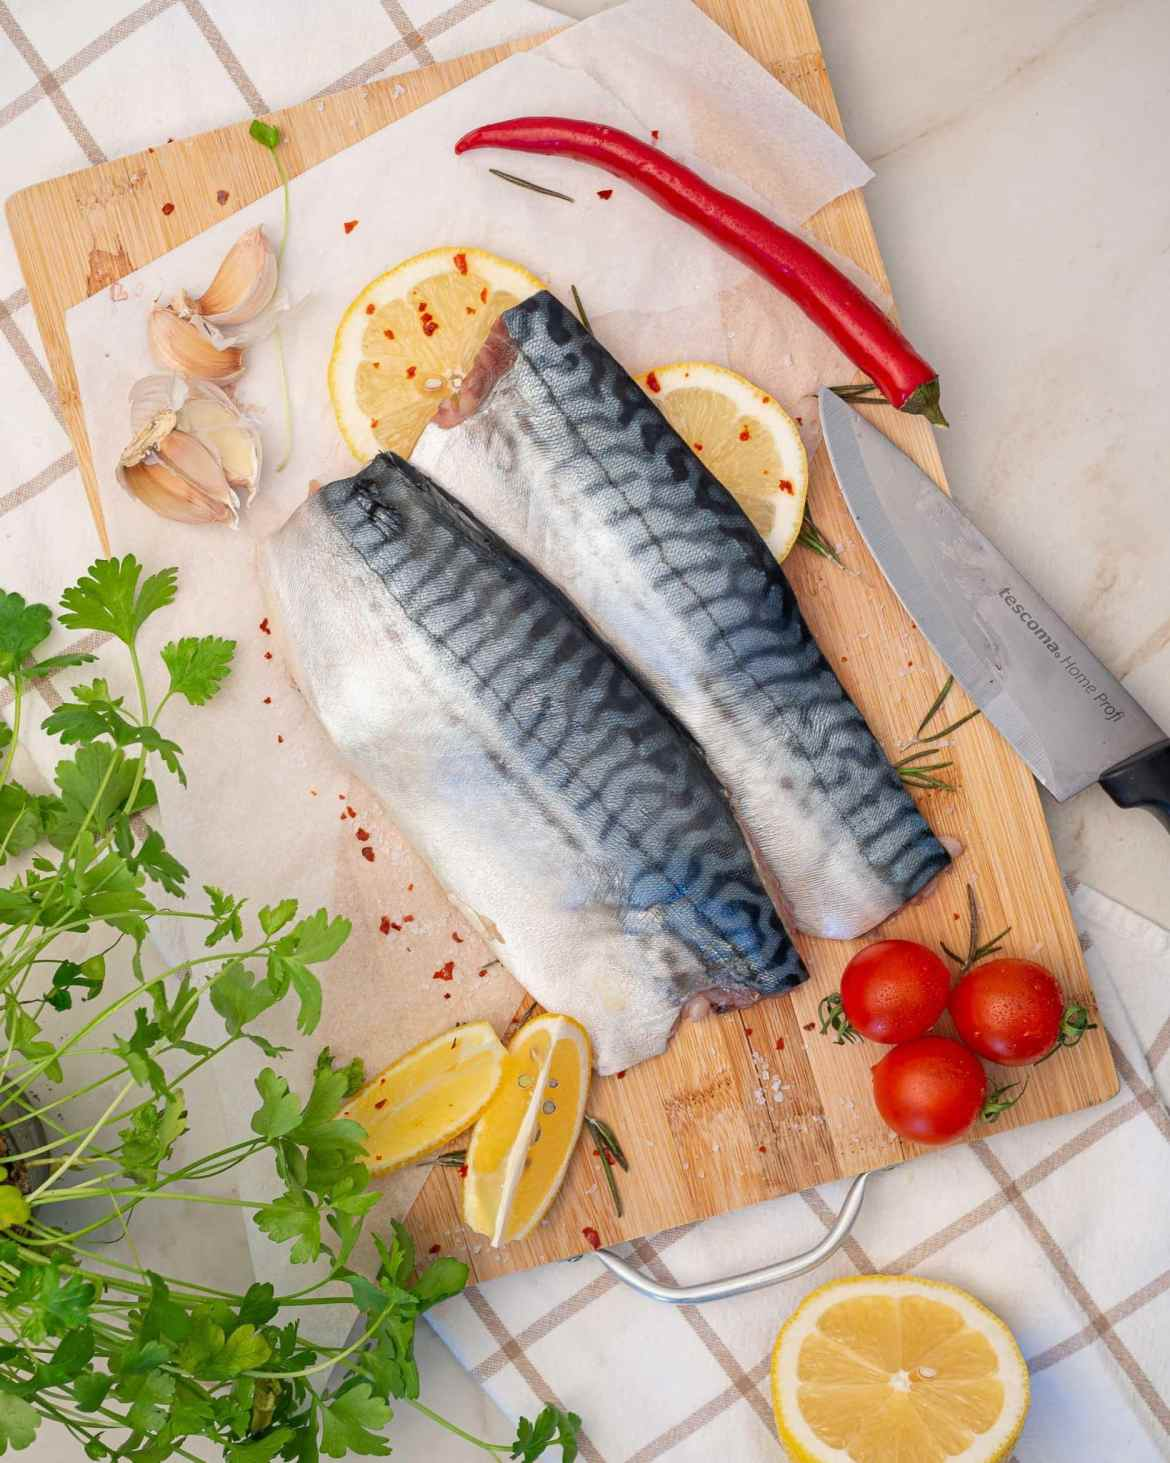 recipe of baked mackerel fillets